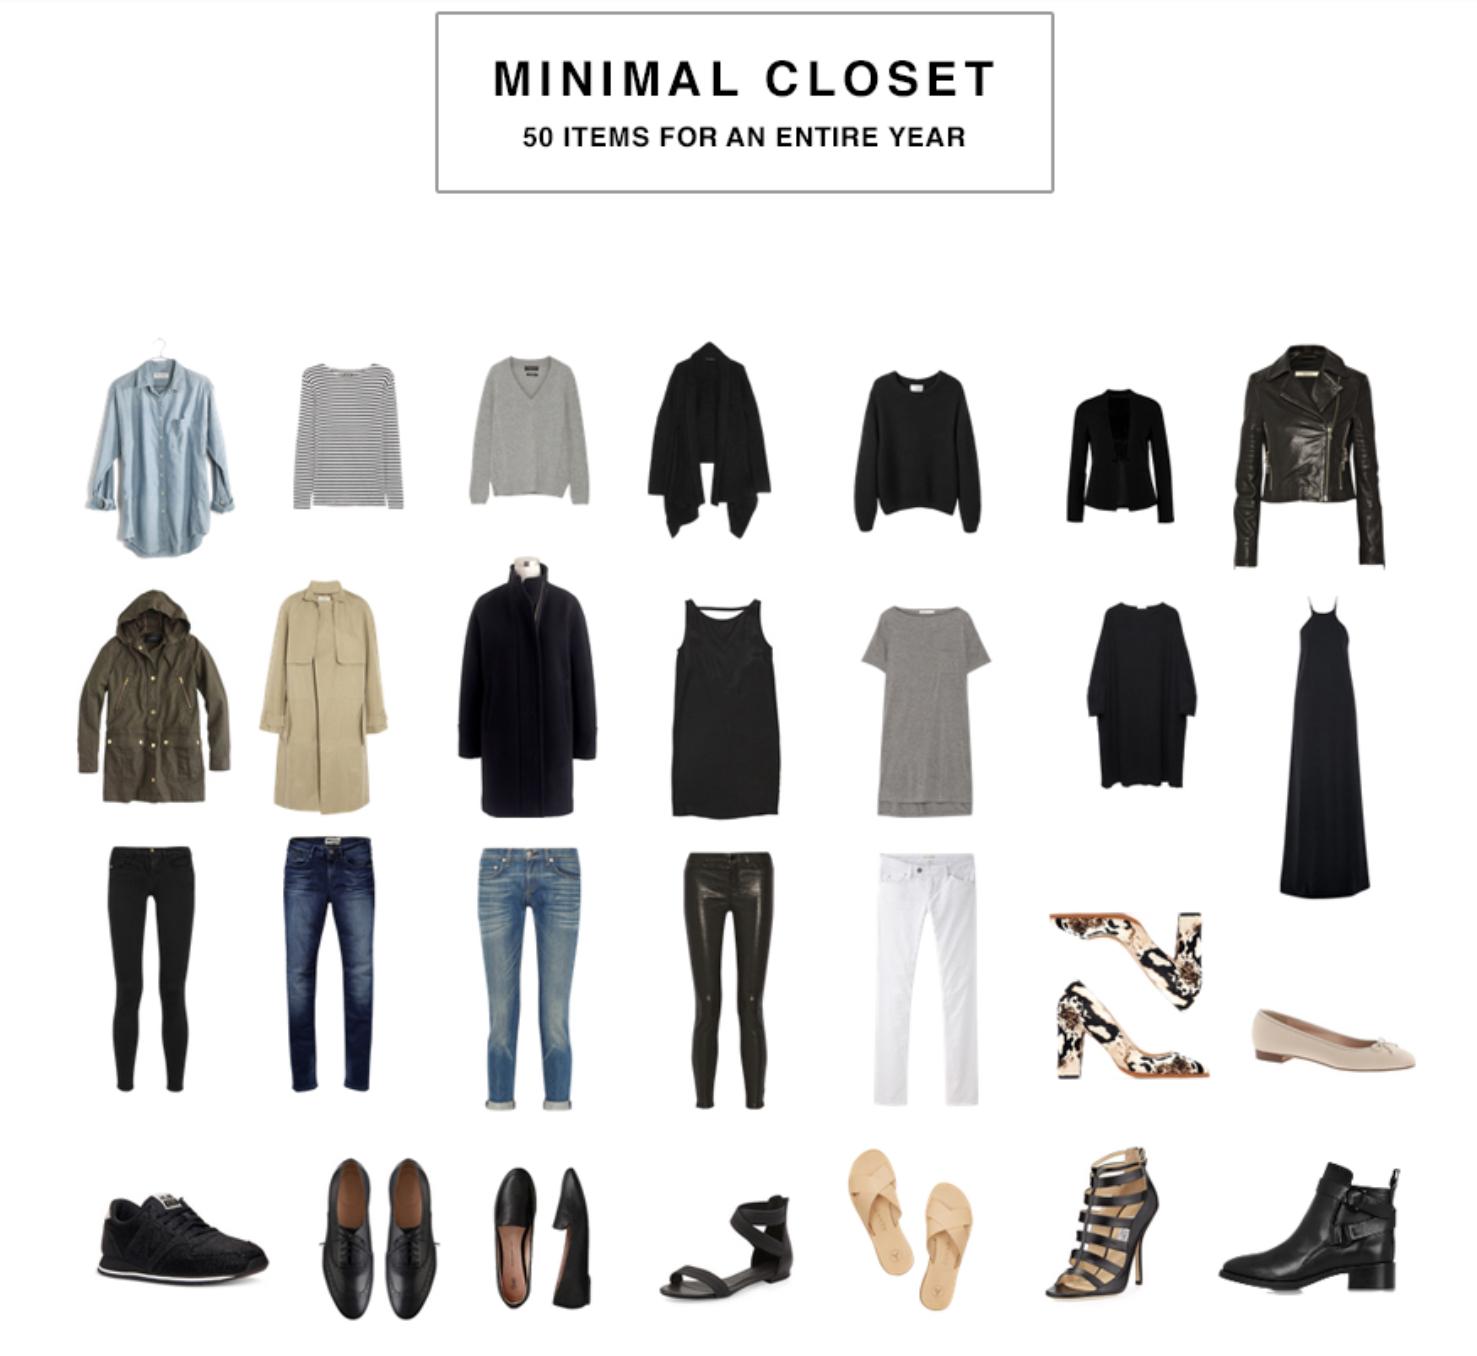 Jessica's 2014 wardrobe.